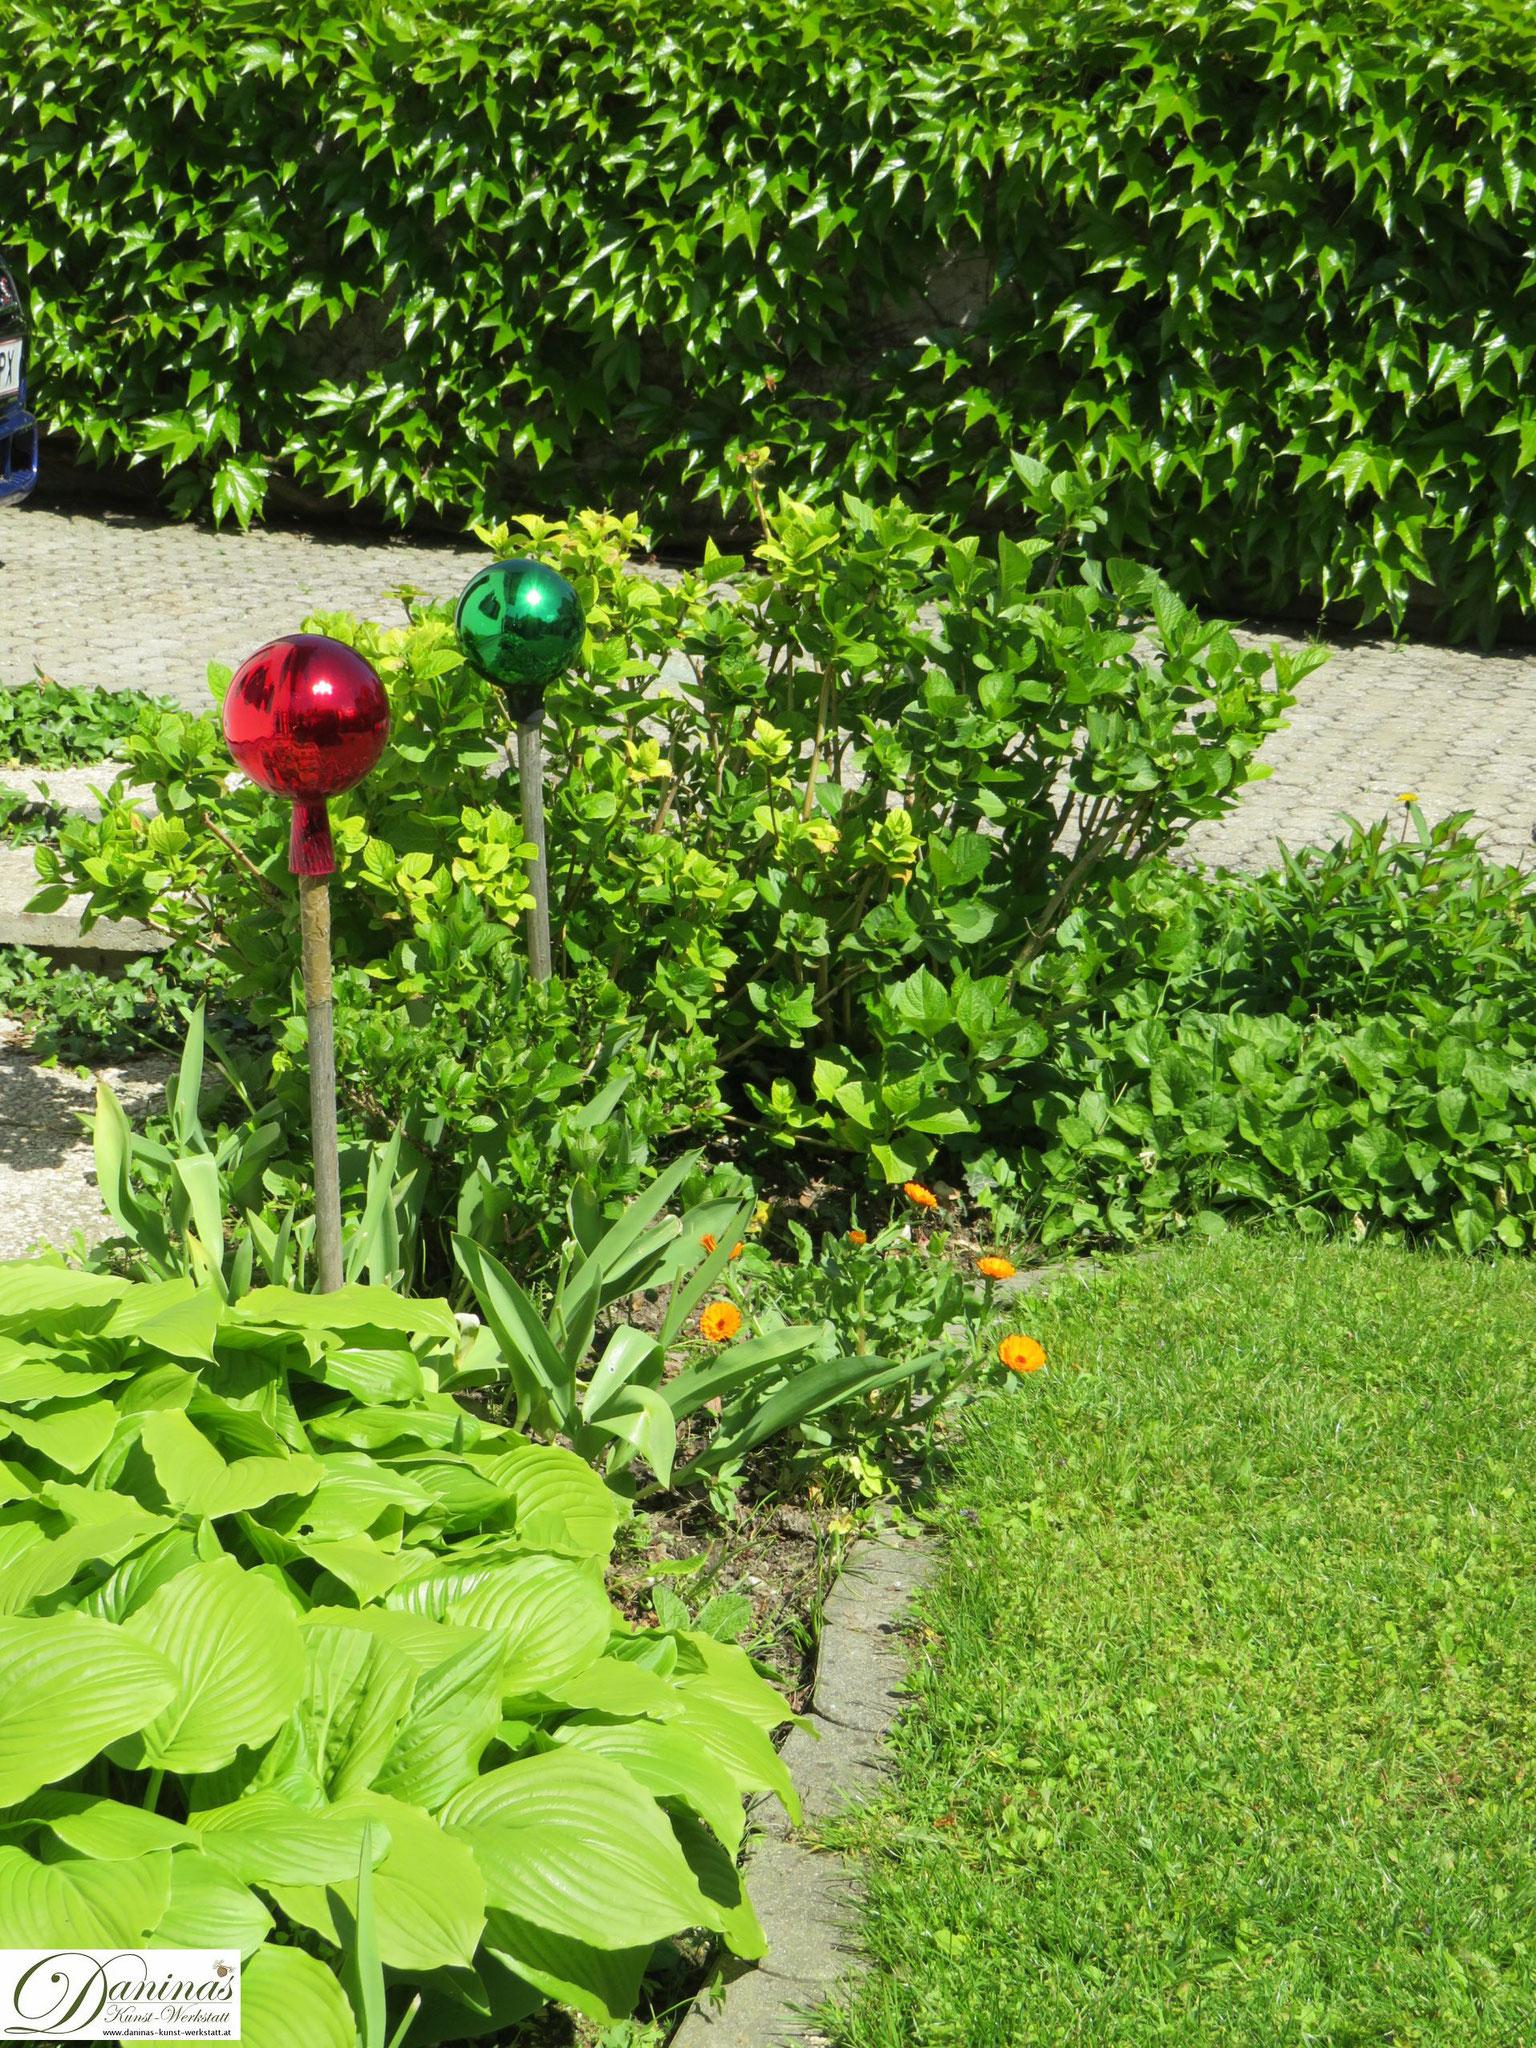 Garten Impressionen im Frühsommer by Daninas-Kunst-Werkstatt.at